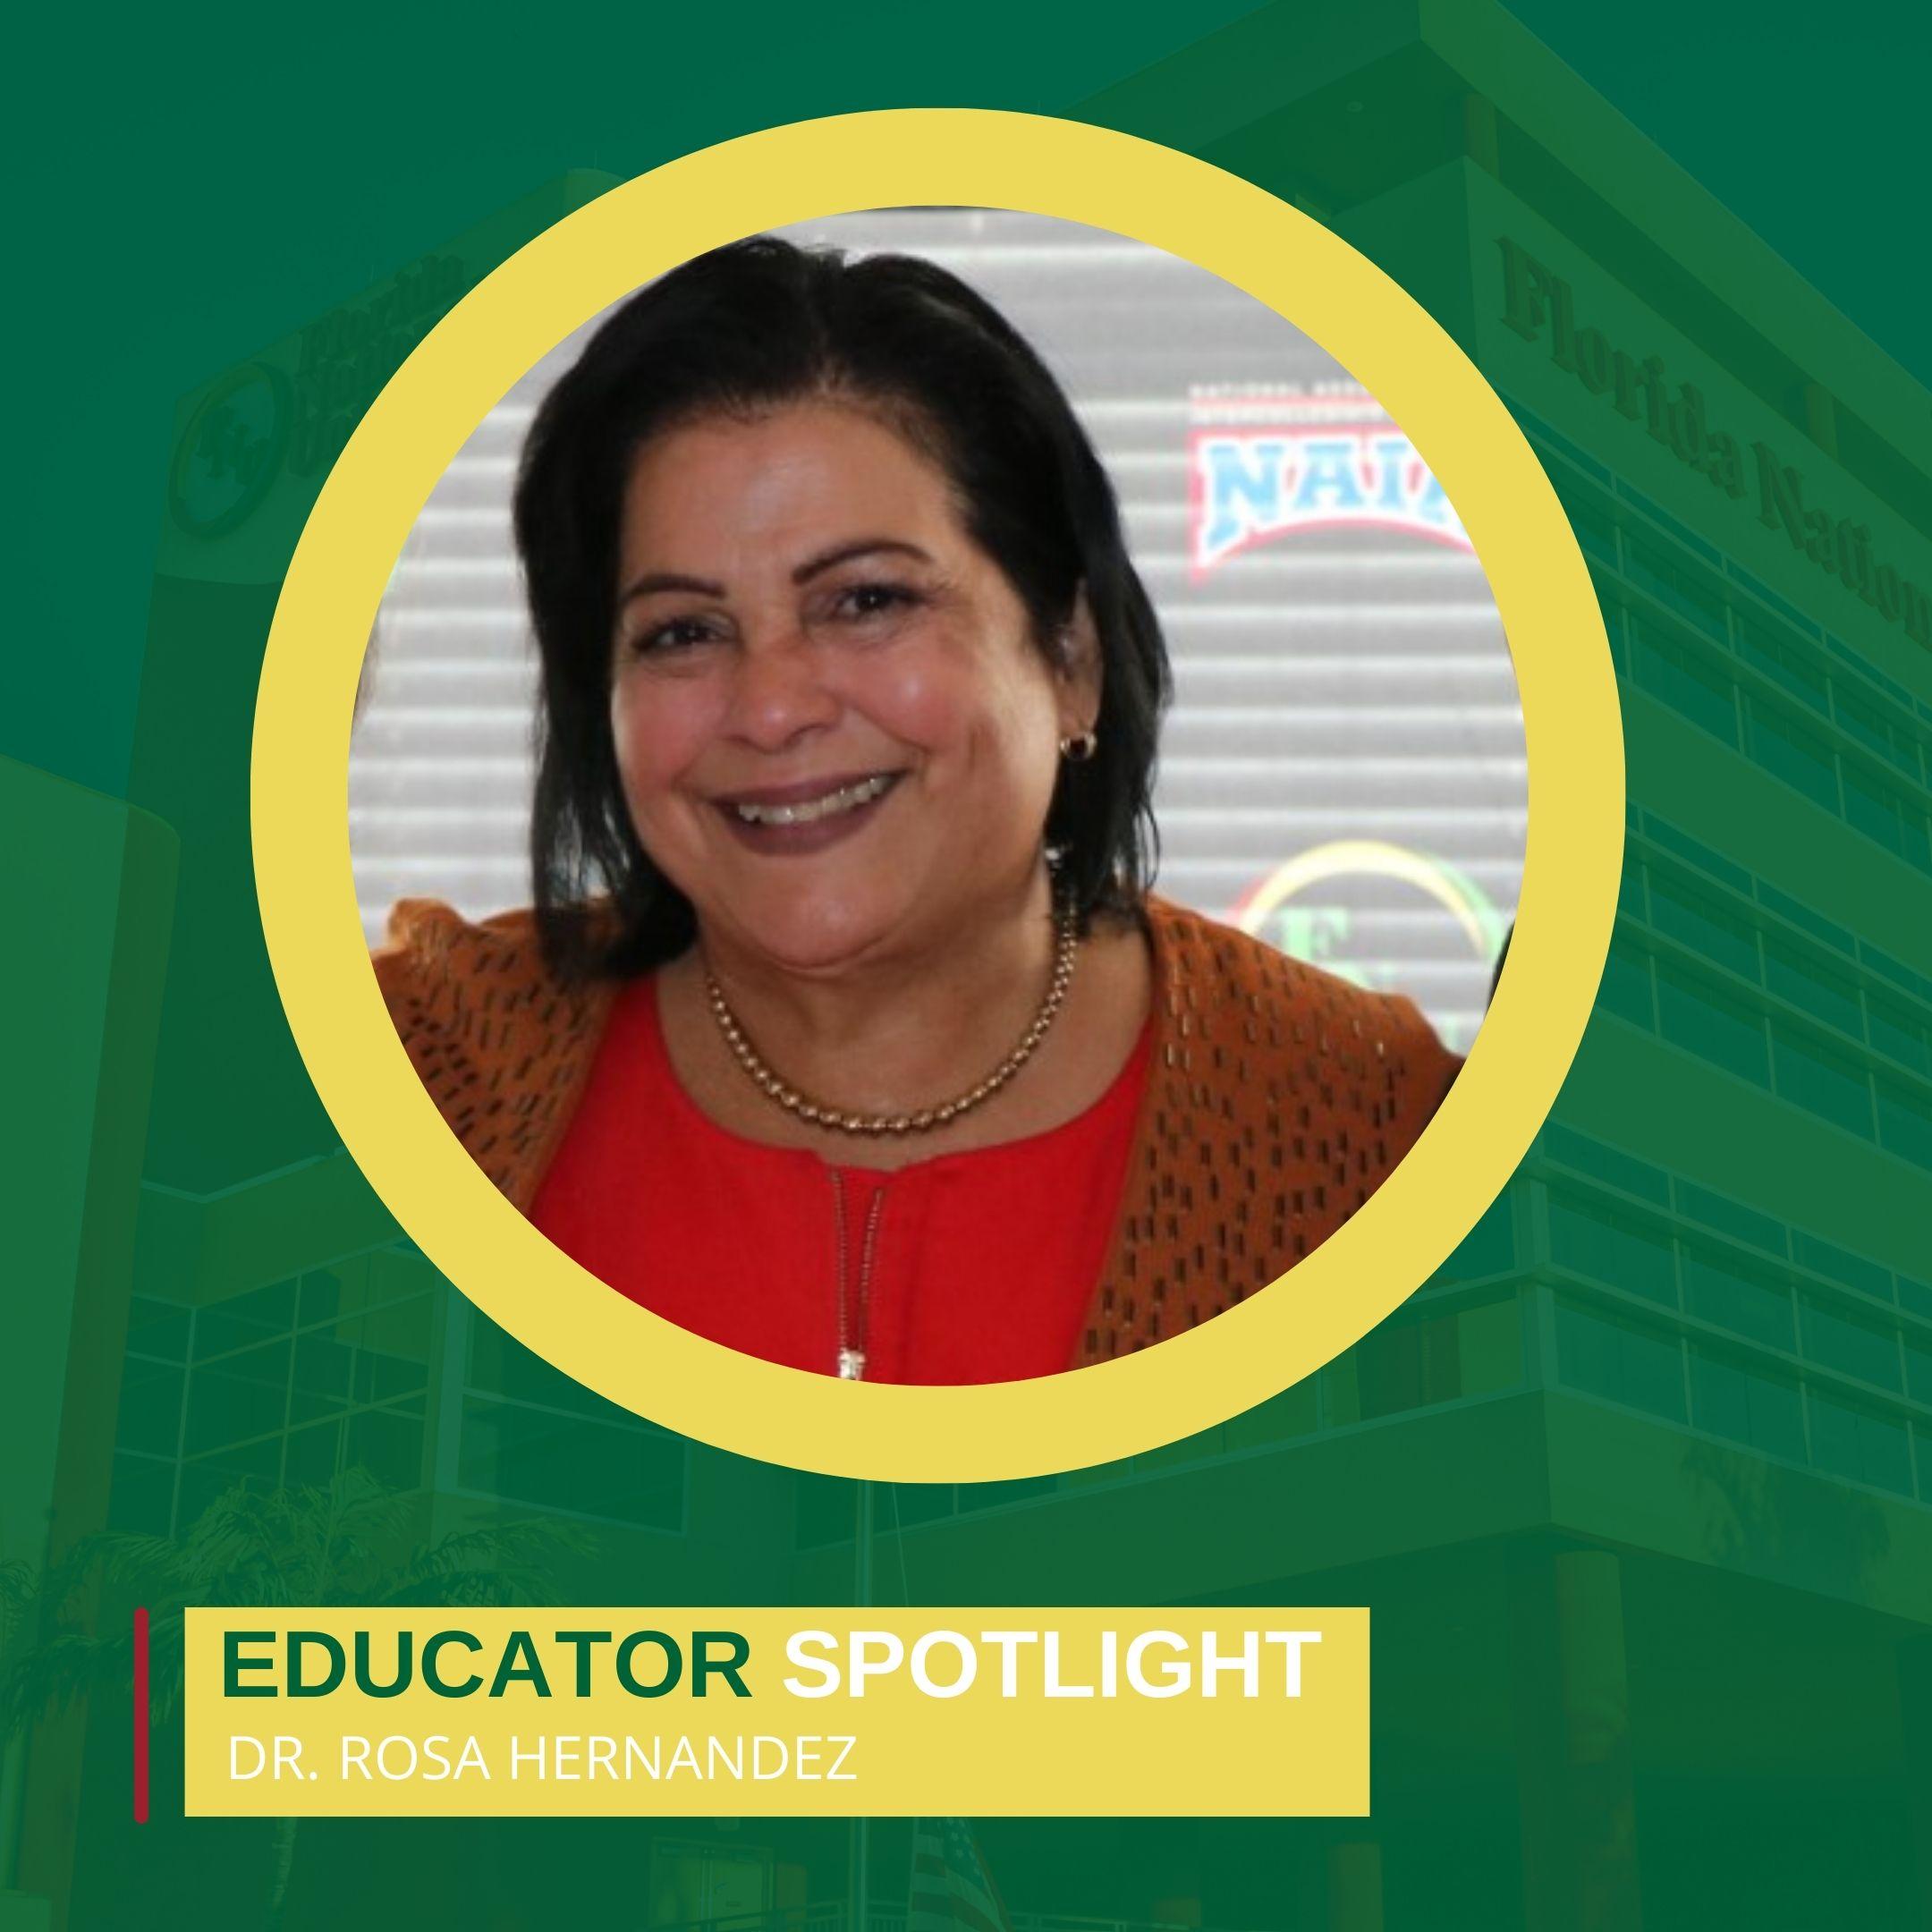 Dr. Rosa Hernandez